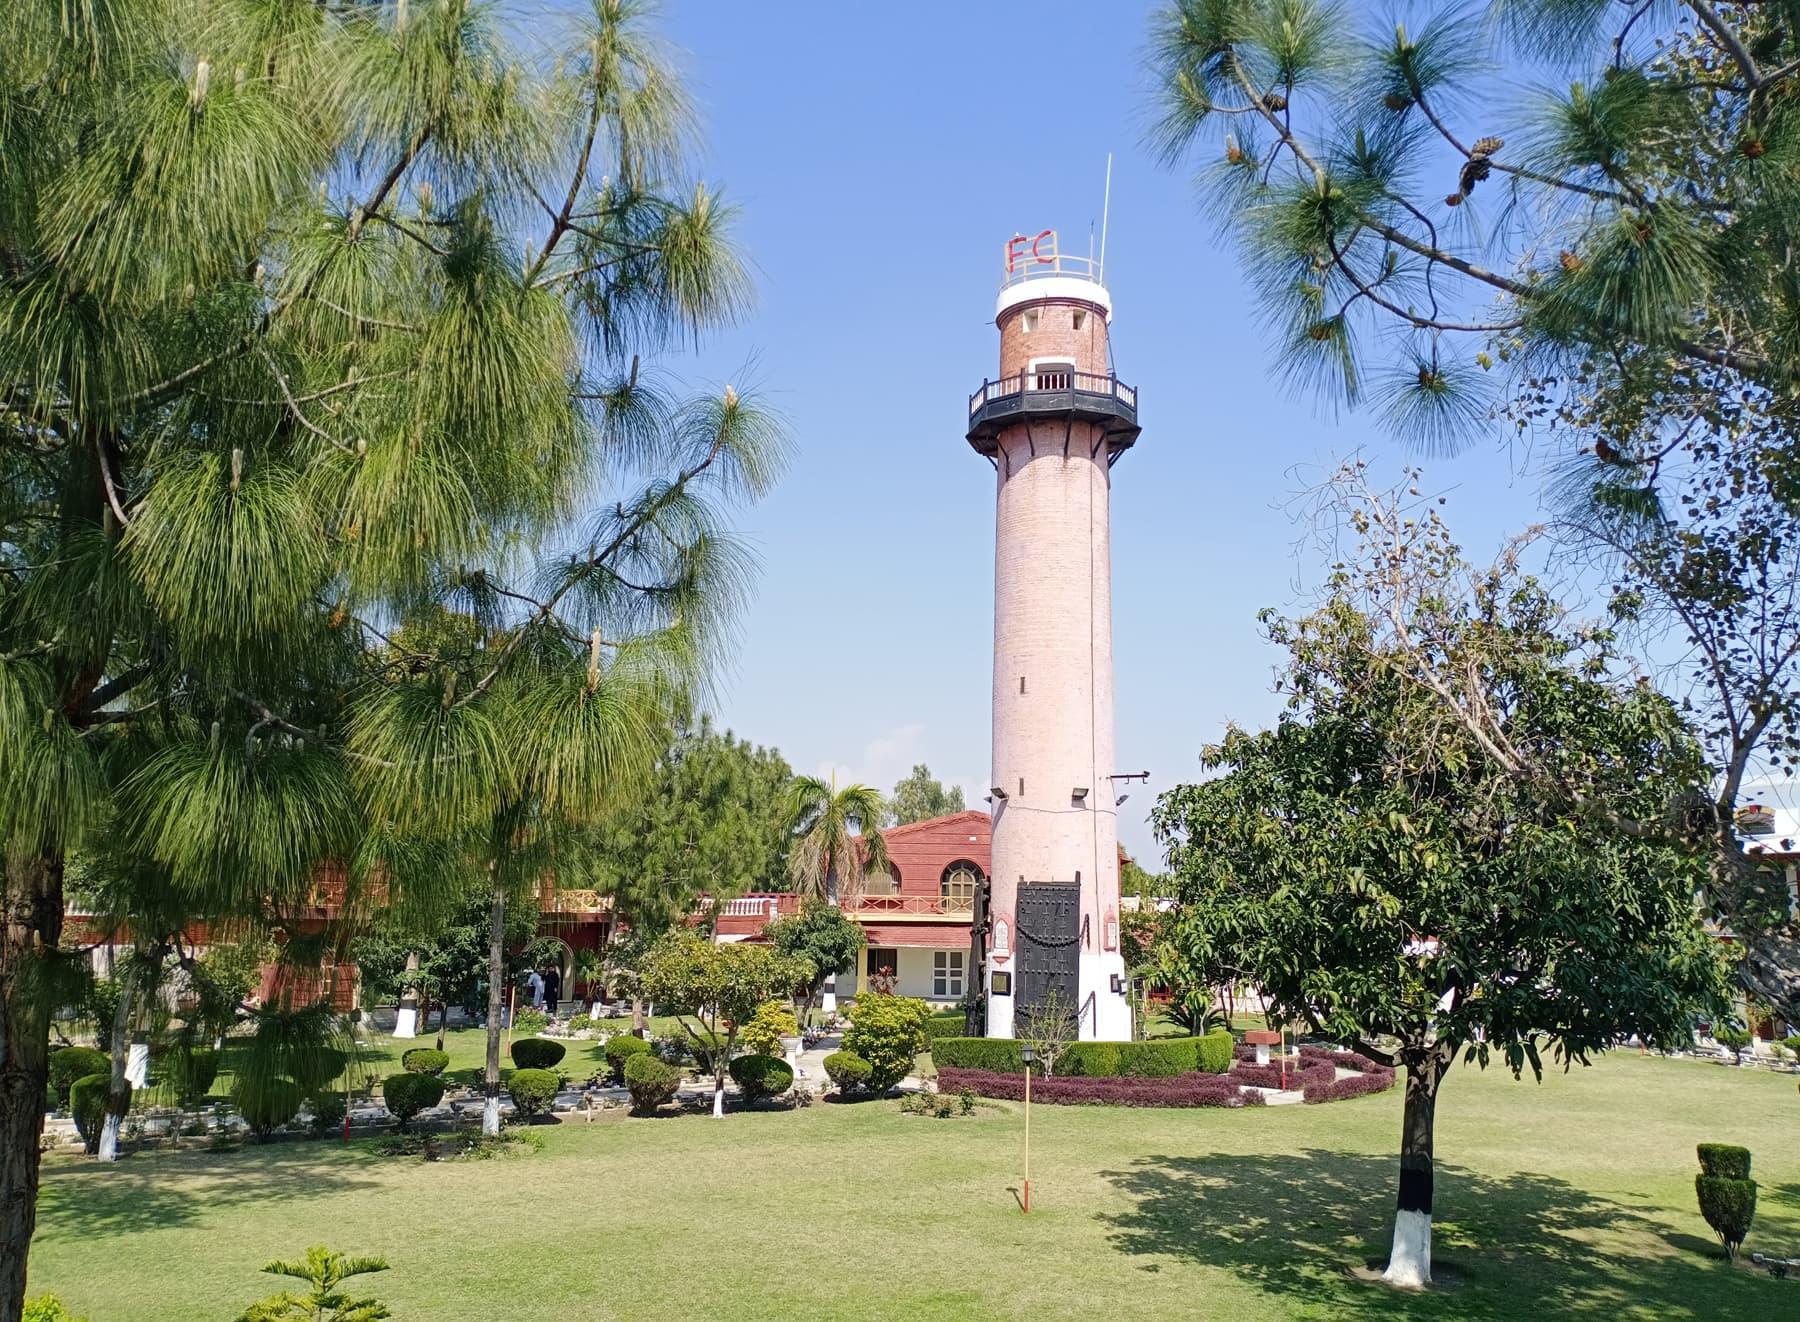 قلعے کے عین وسط میں موجود واچ ٹاور—عظمت اکبر